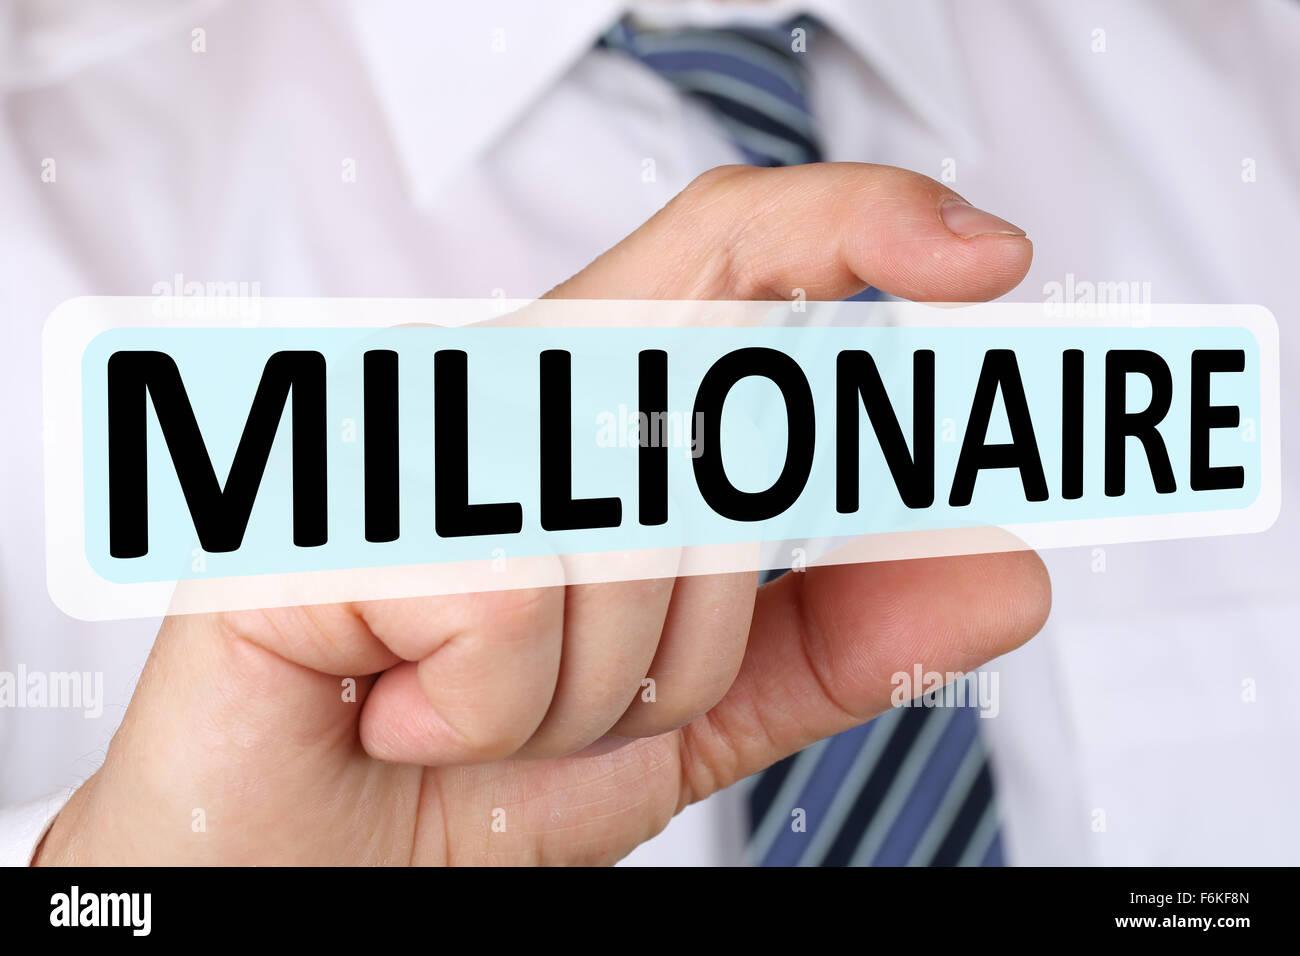 Concepto de negocio millonario empresario rico riqueza éxito con el liderazgo de finanzas Imagen De Stock